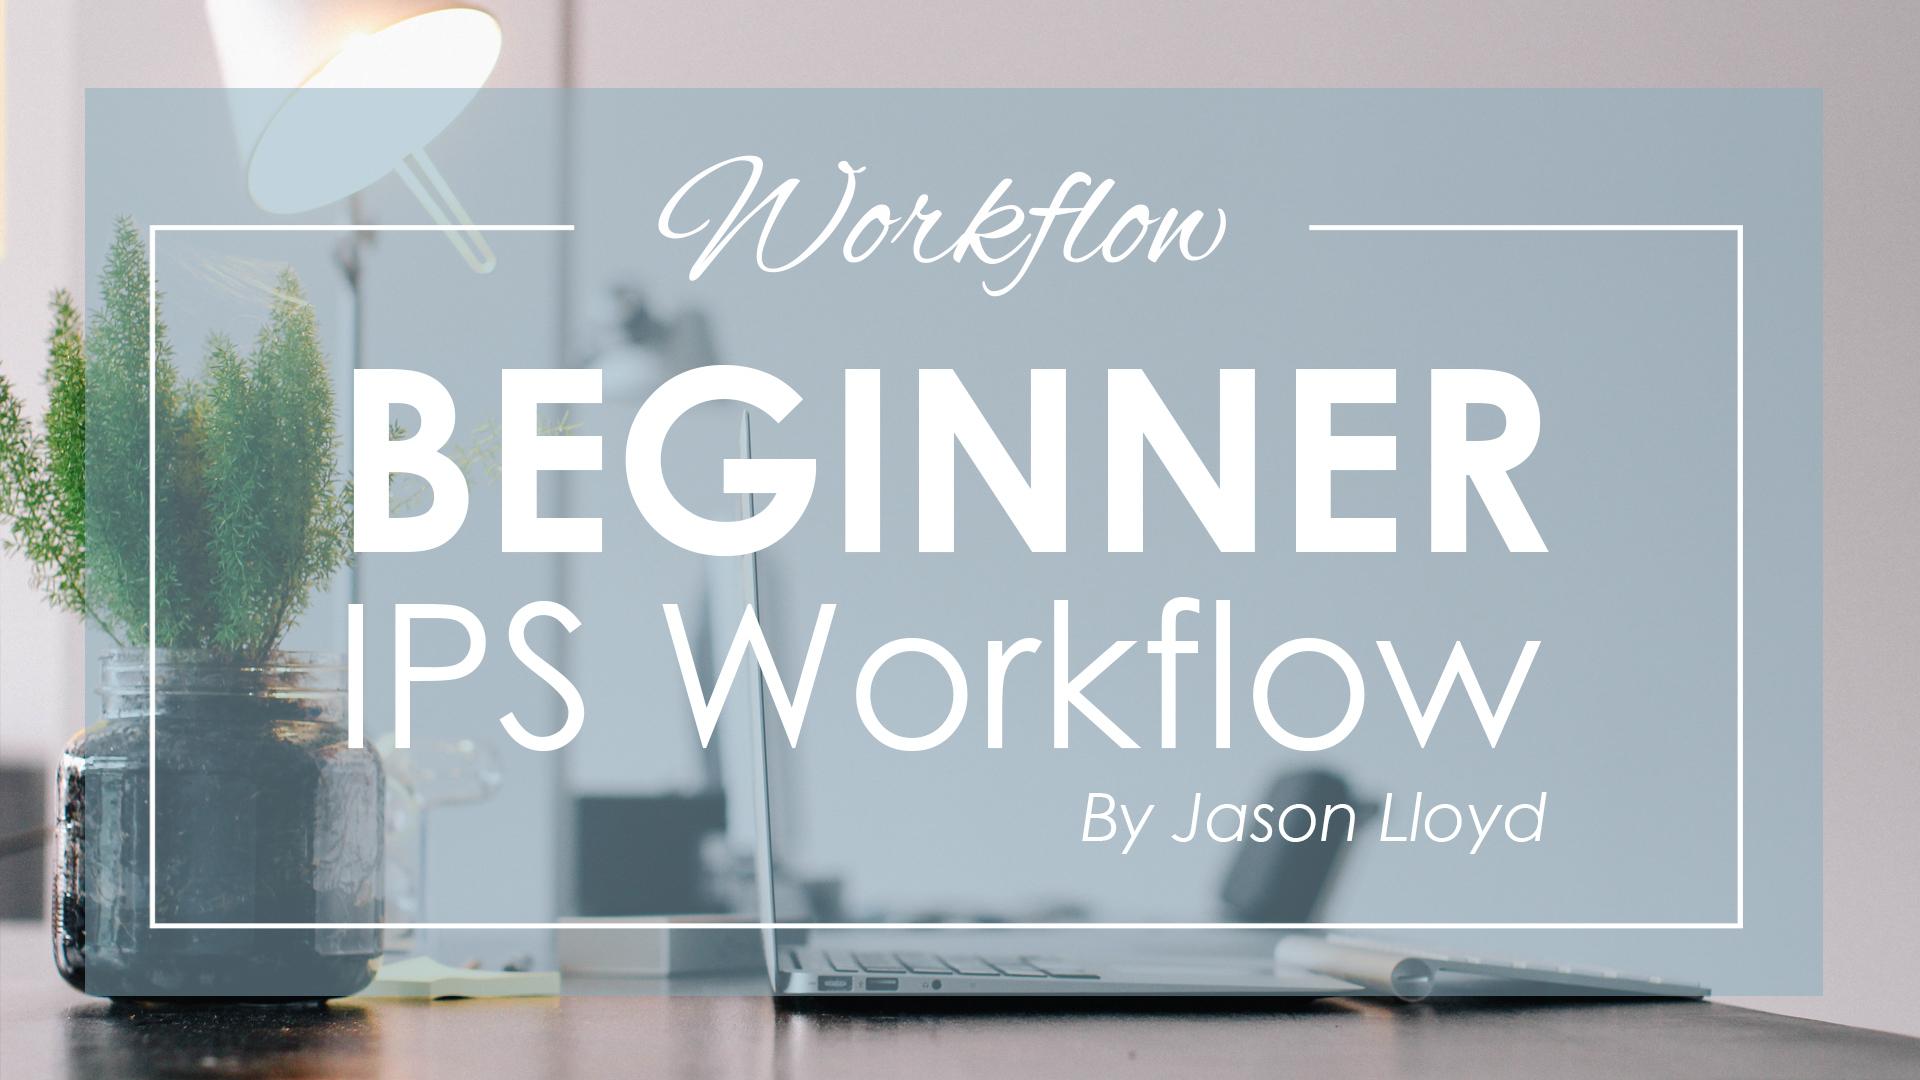 Beginner IPS Workflow